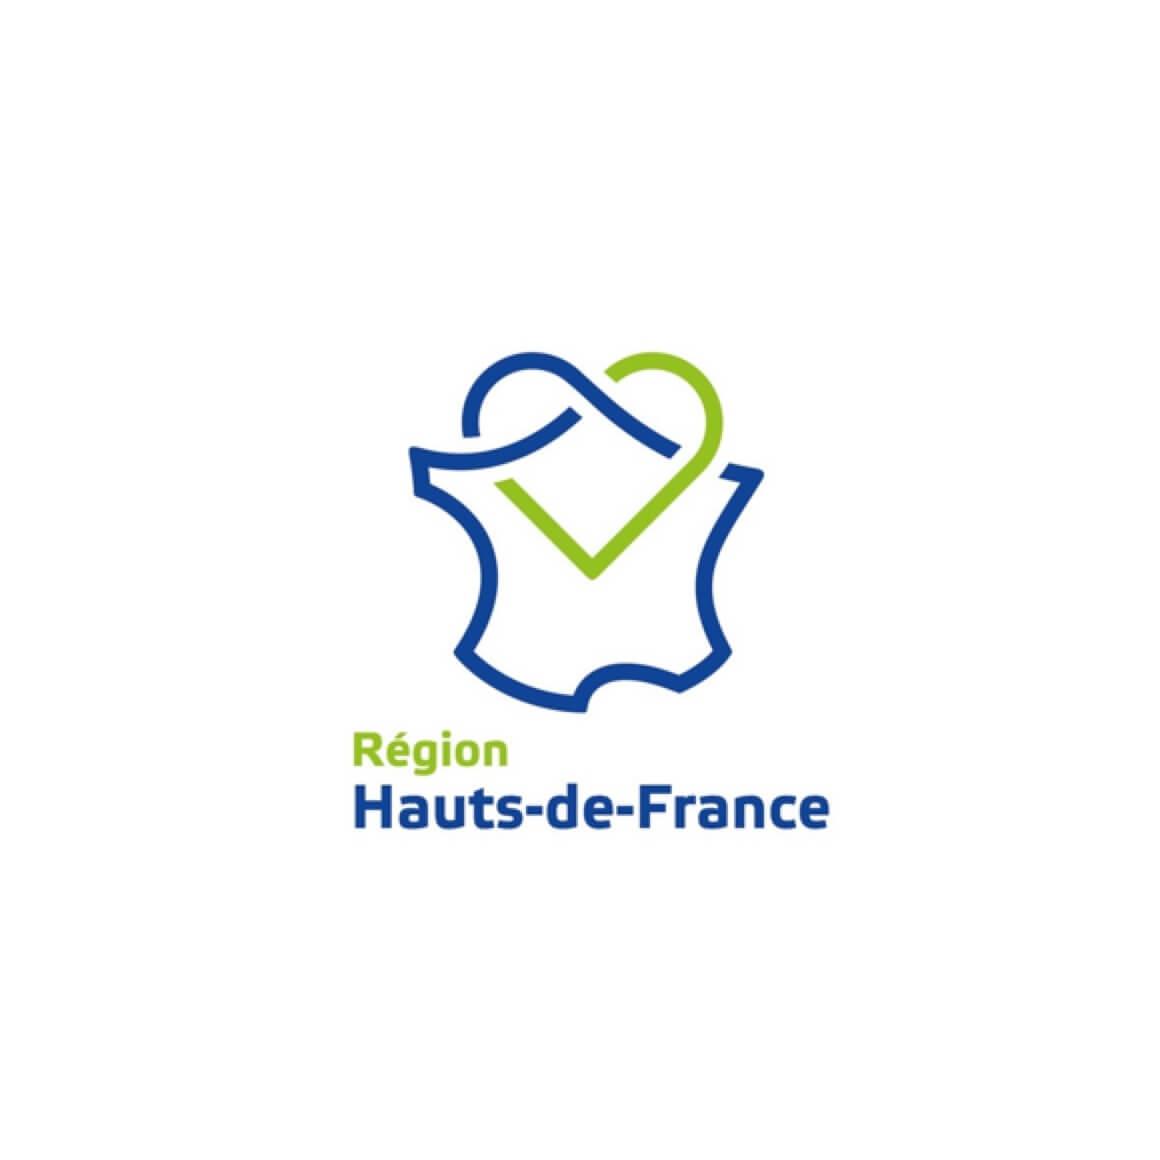 haut_de_france